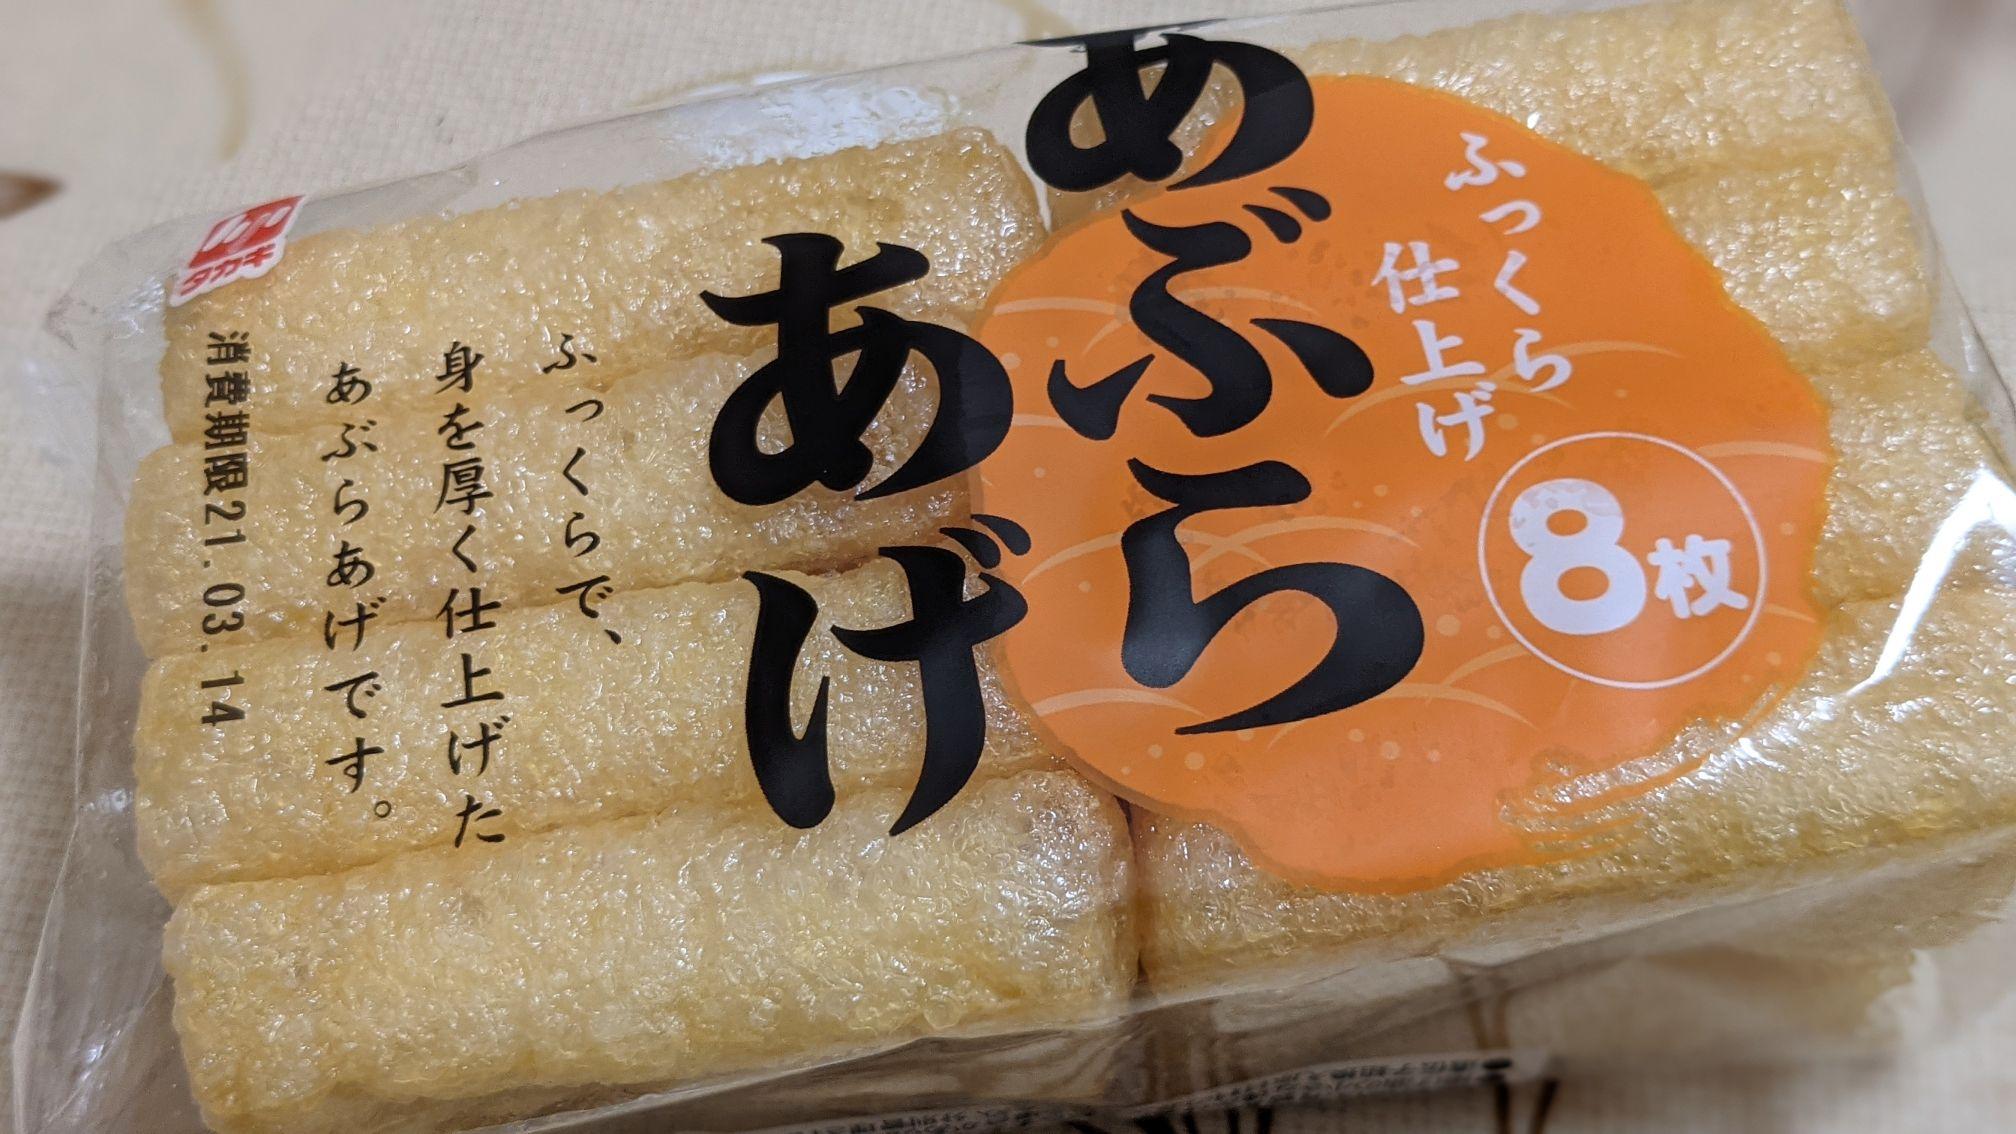 Vdrug(ブイドラッグ)大須店の食品